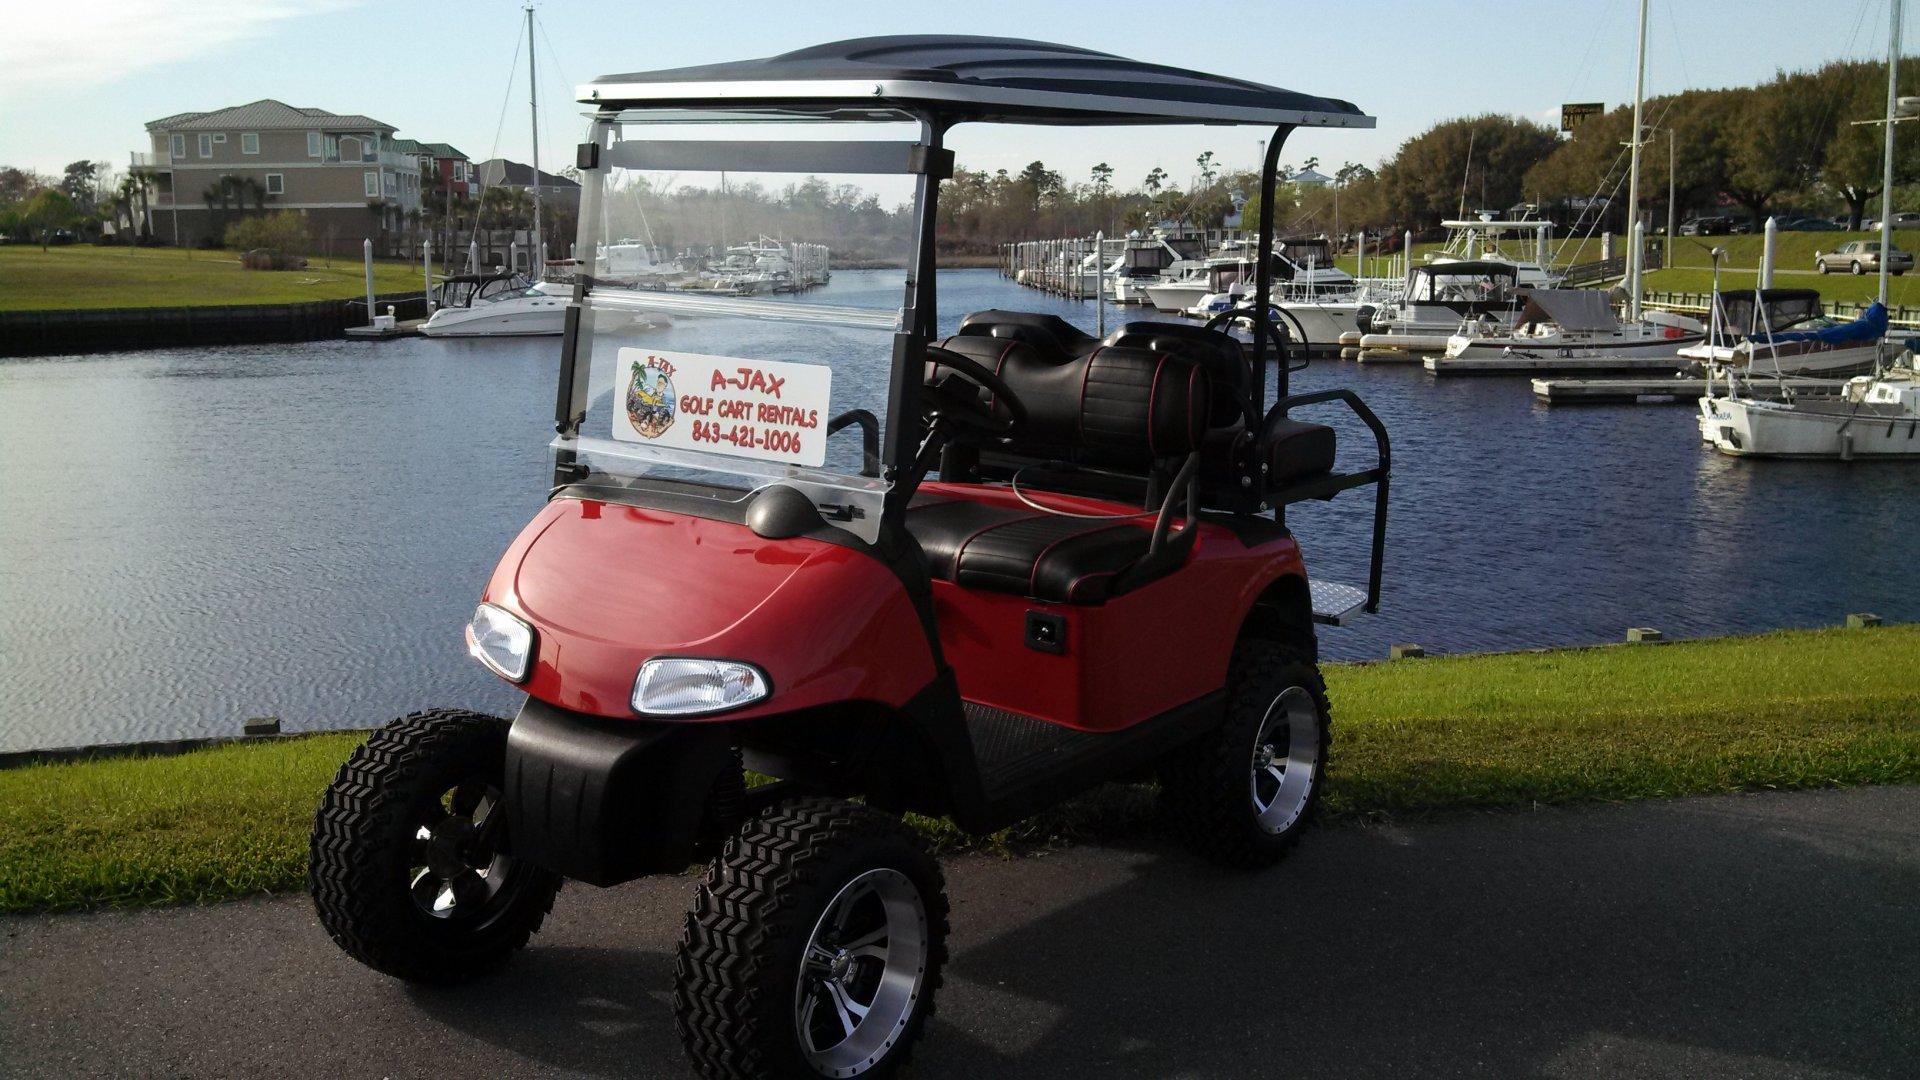 Garden City A Jax Golf Cart Rentals